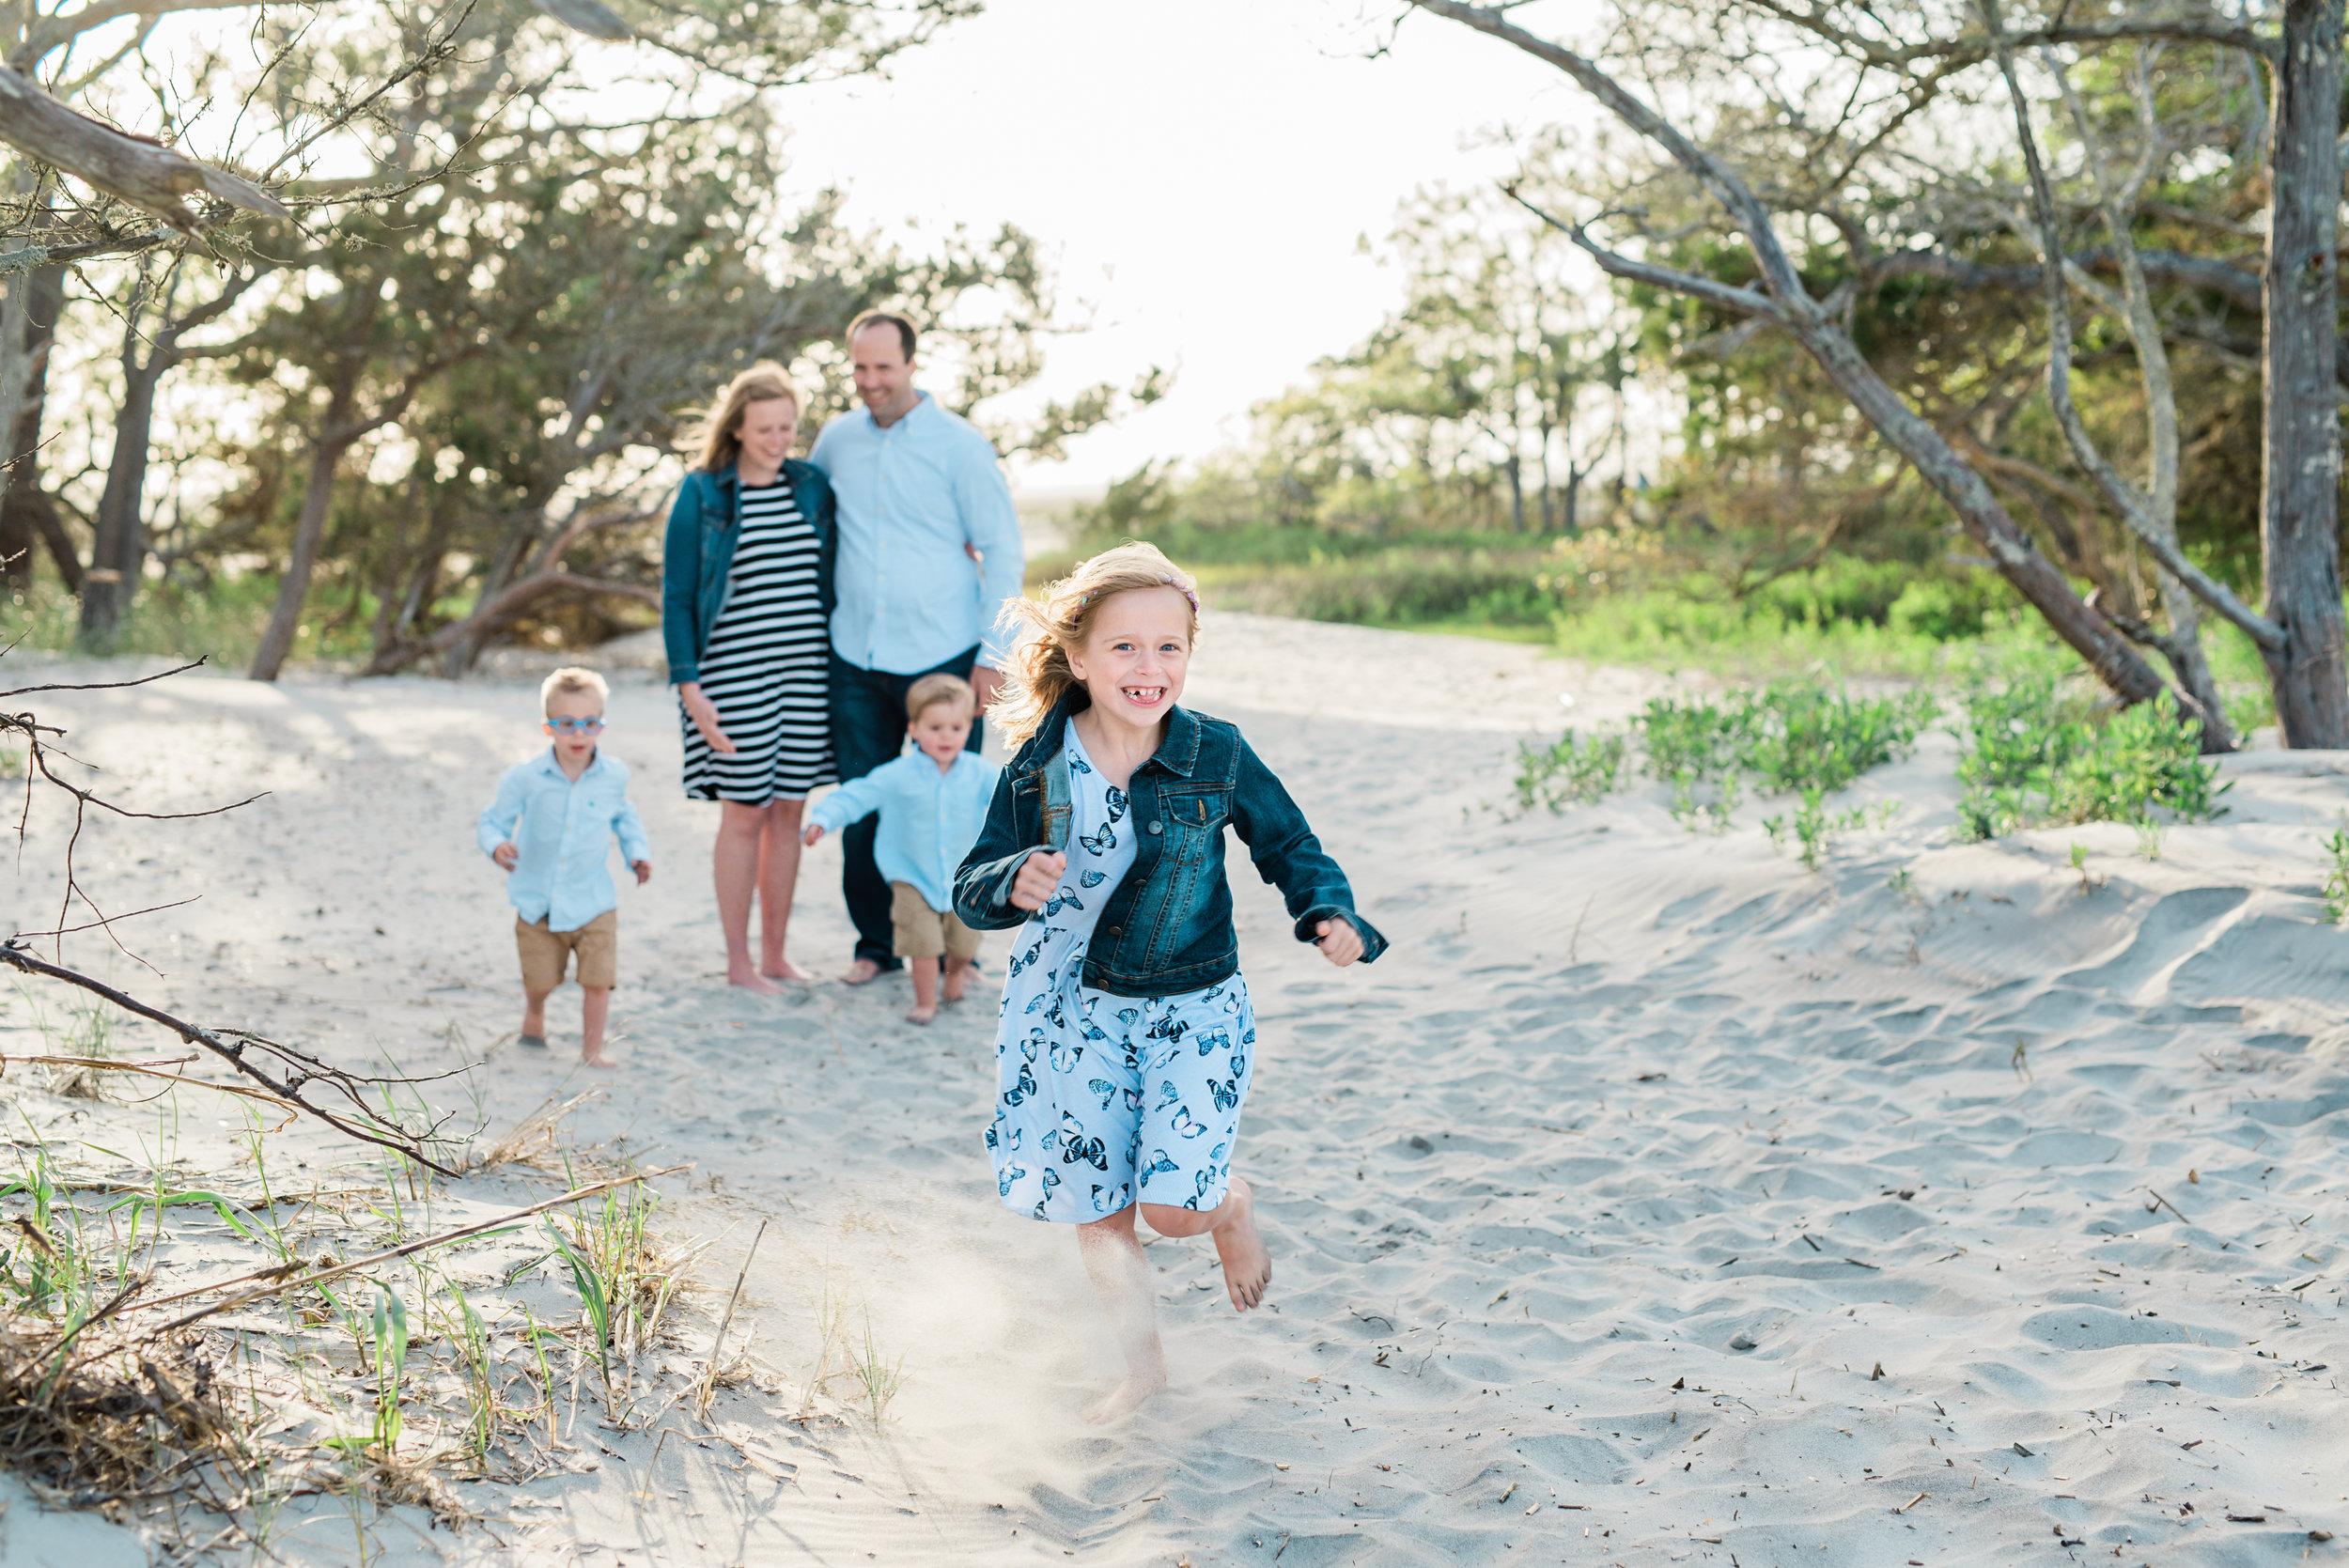 Folly-Beach-Family-Photographer-Following-Seas-Photography-7890 copy.jpg